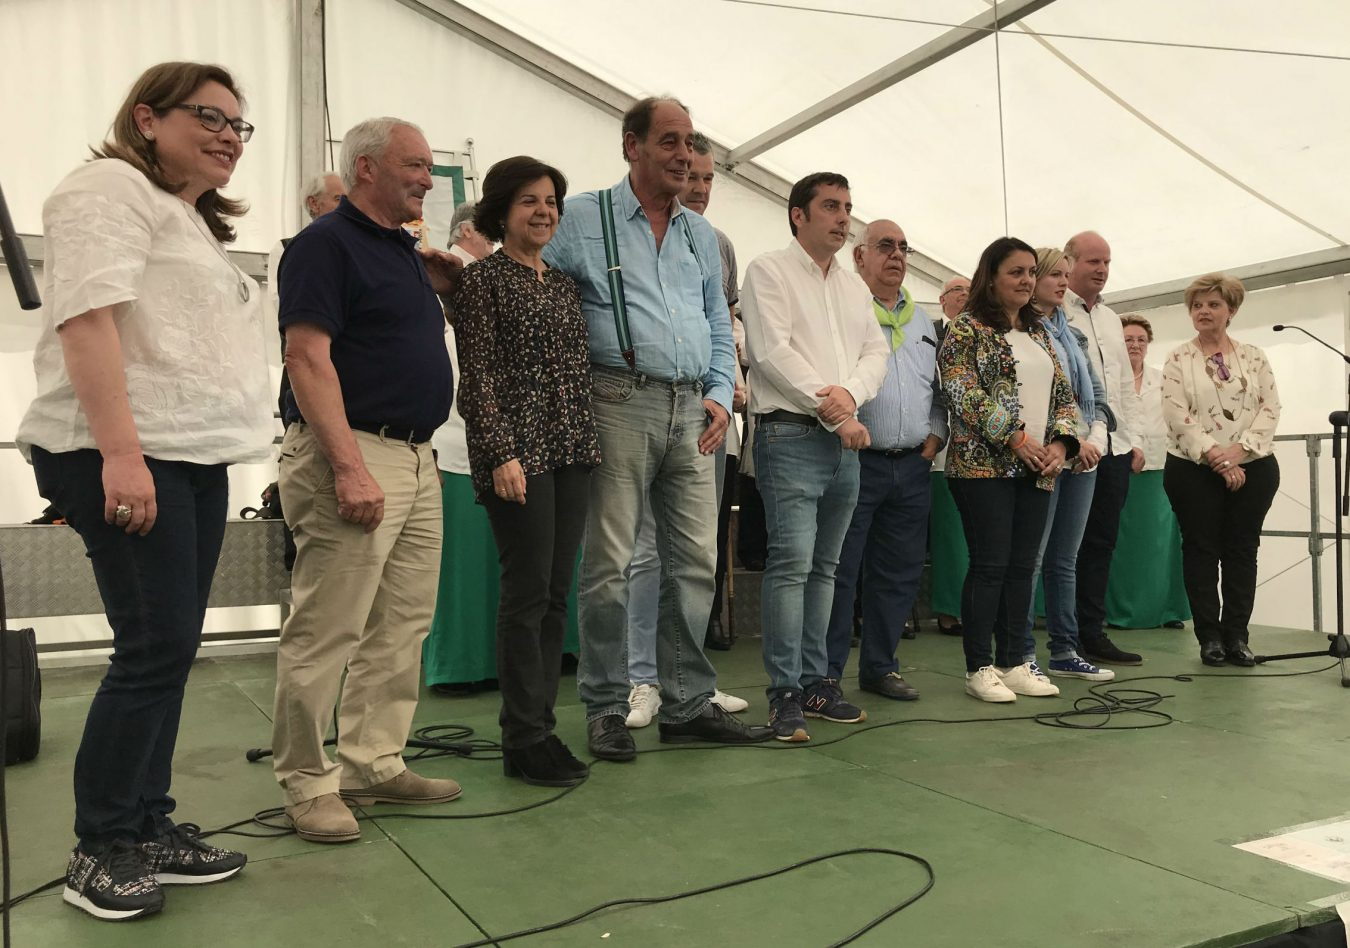 Los alcaldes de Ribadesella, Ponga y Peñamellera Alta en los XI Encuentros Astur-Cántabros de Llanera